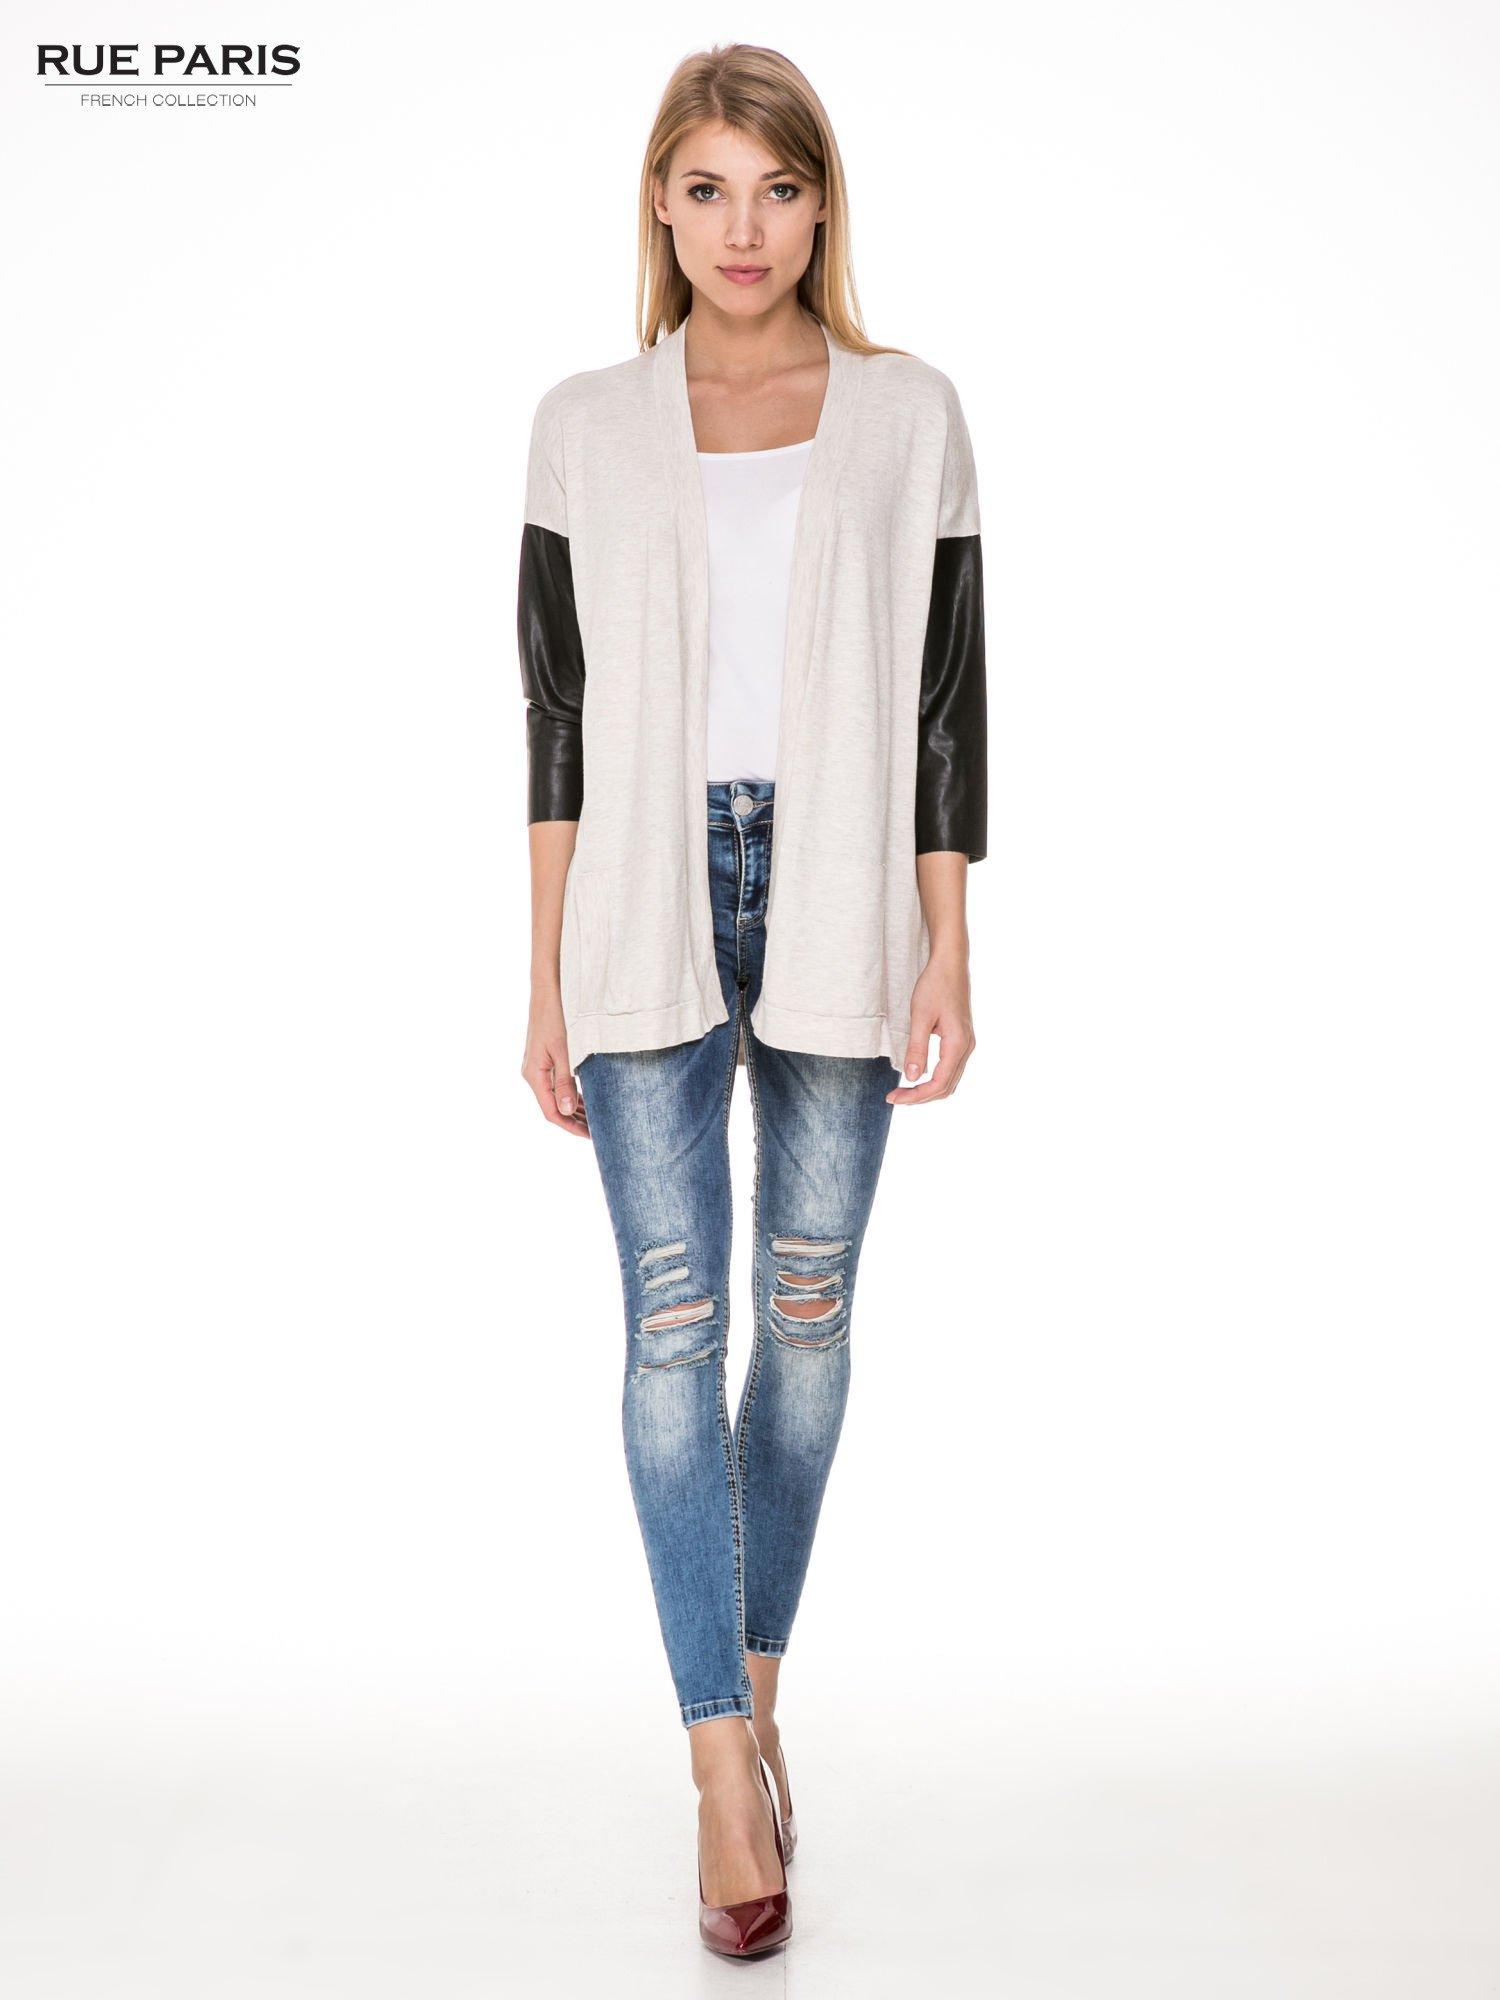 Beżowy sweter kardigan ze skórzanym rękawami 3/4                                  zdj.                                  2